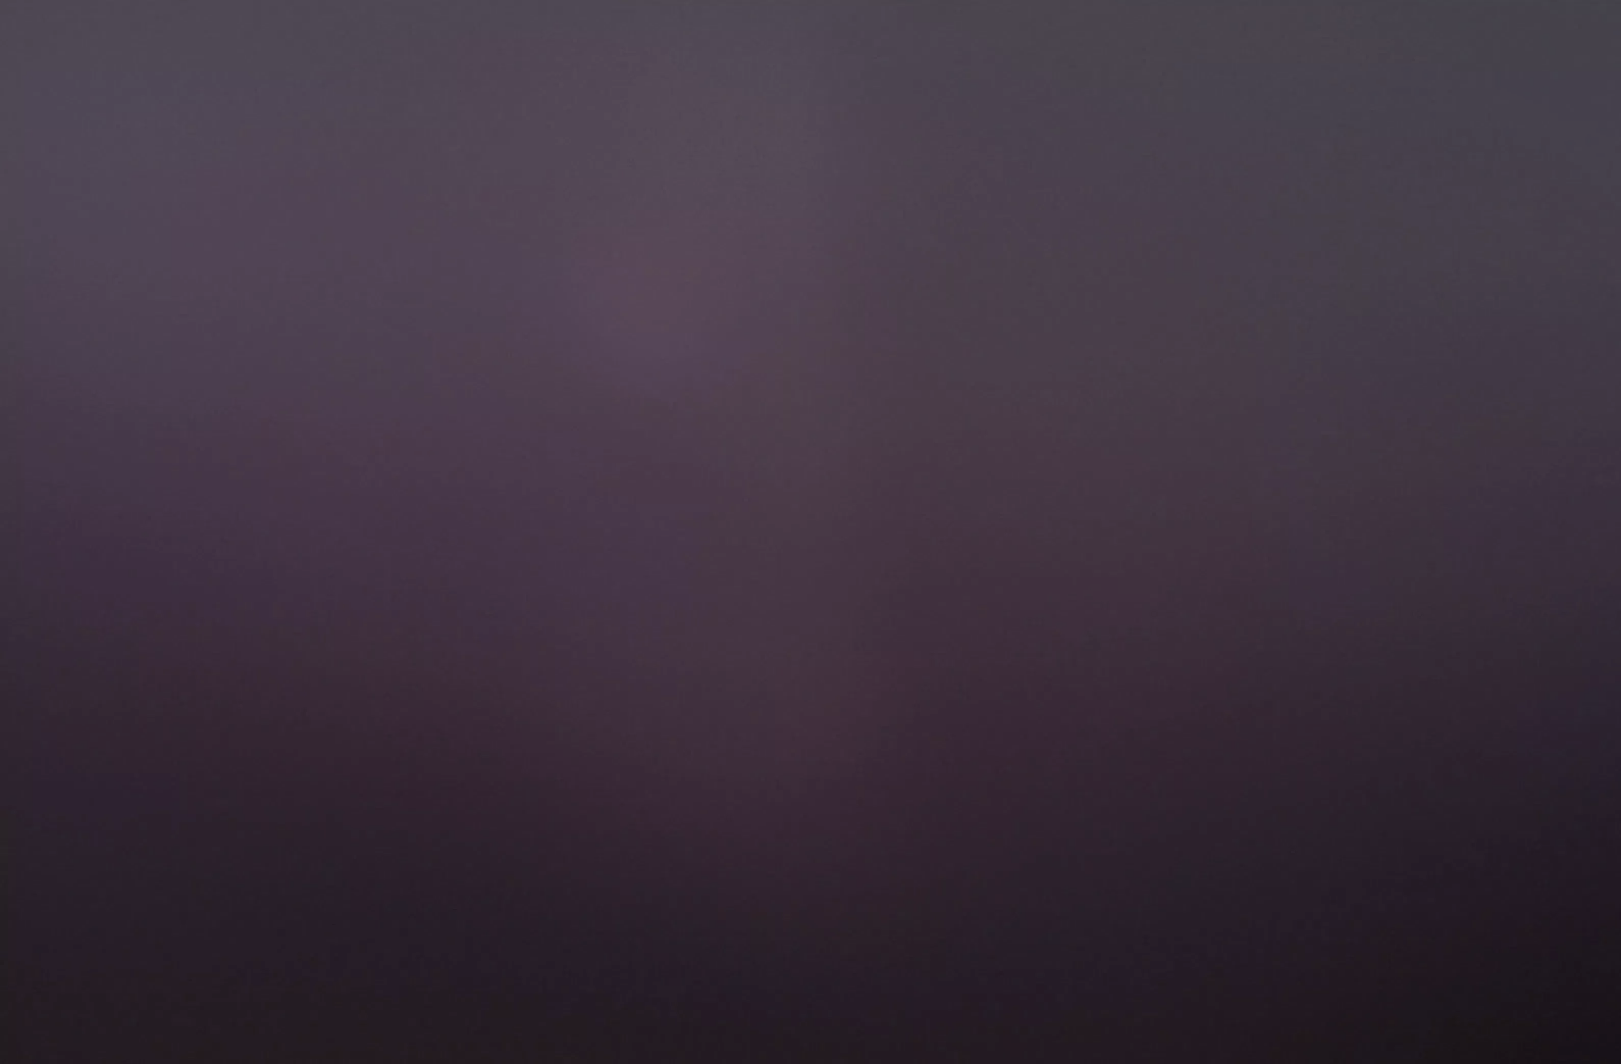 Bildschirmfoto 2018-10-17 um 16.04.04.png